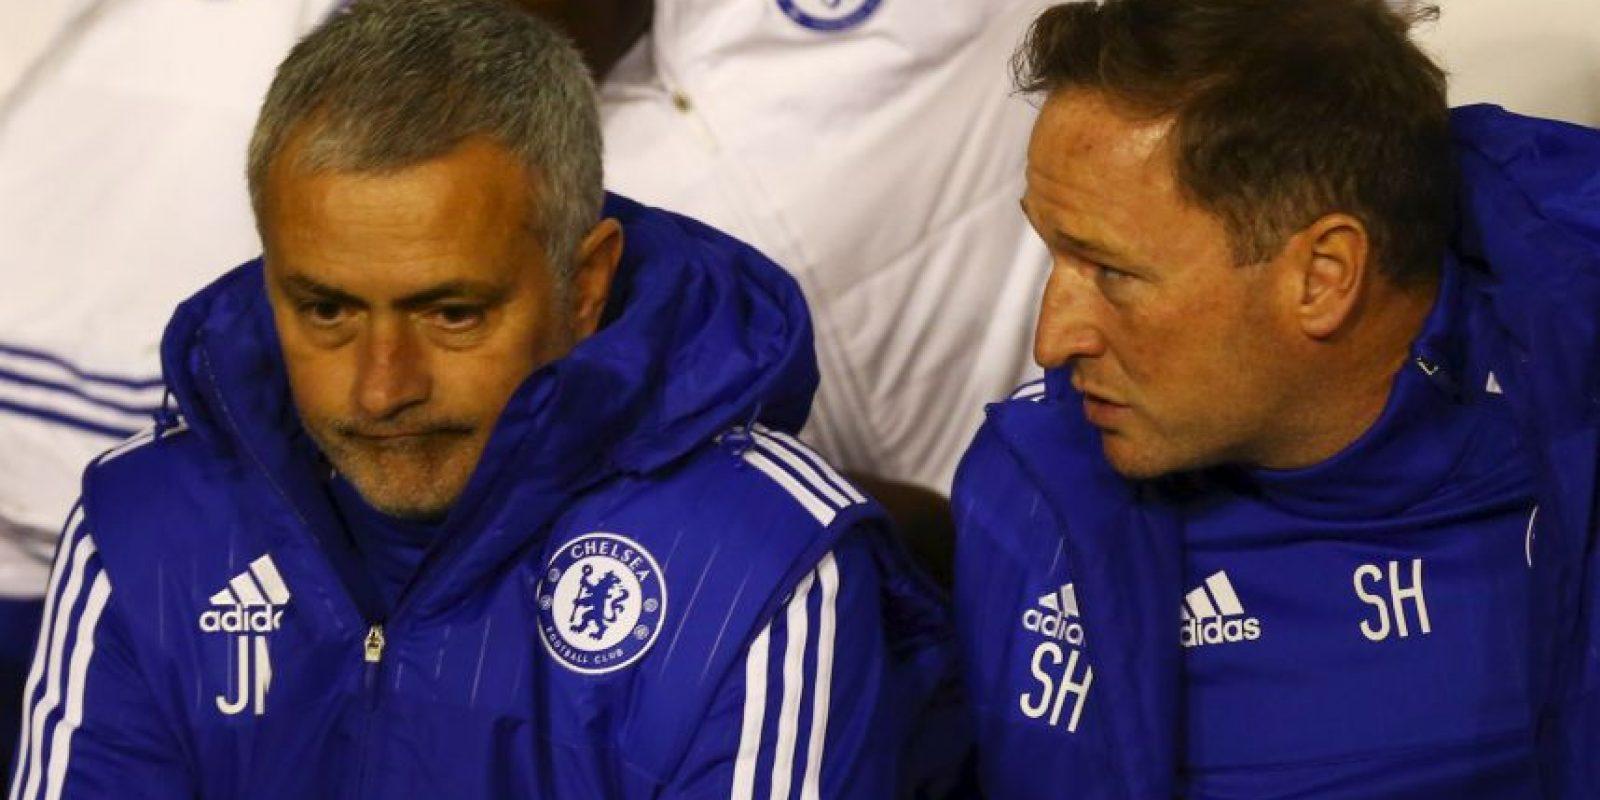 En la Premier League no les ha ido nada bien. Con 8 puntos, son 14º de la clasificación. Foto:Getty Images